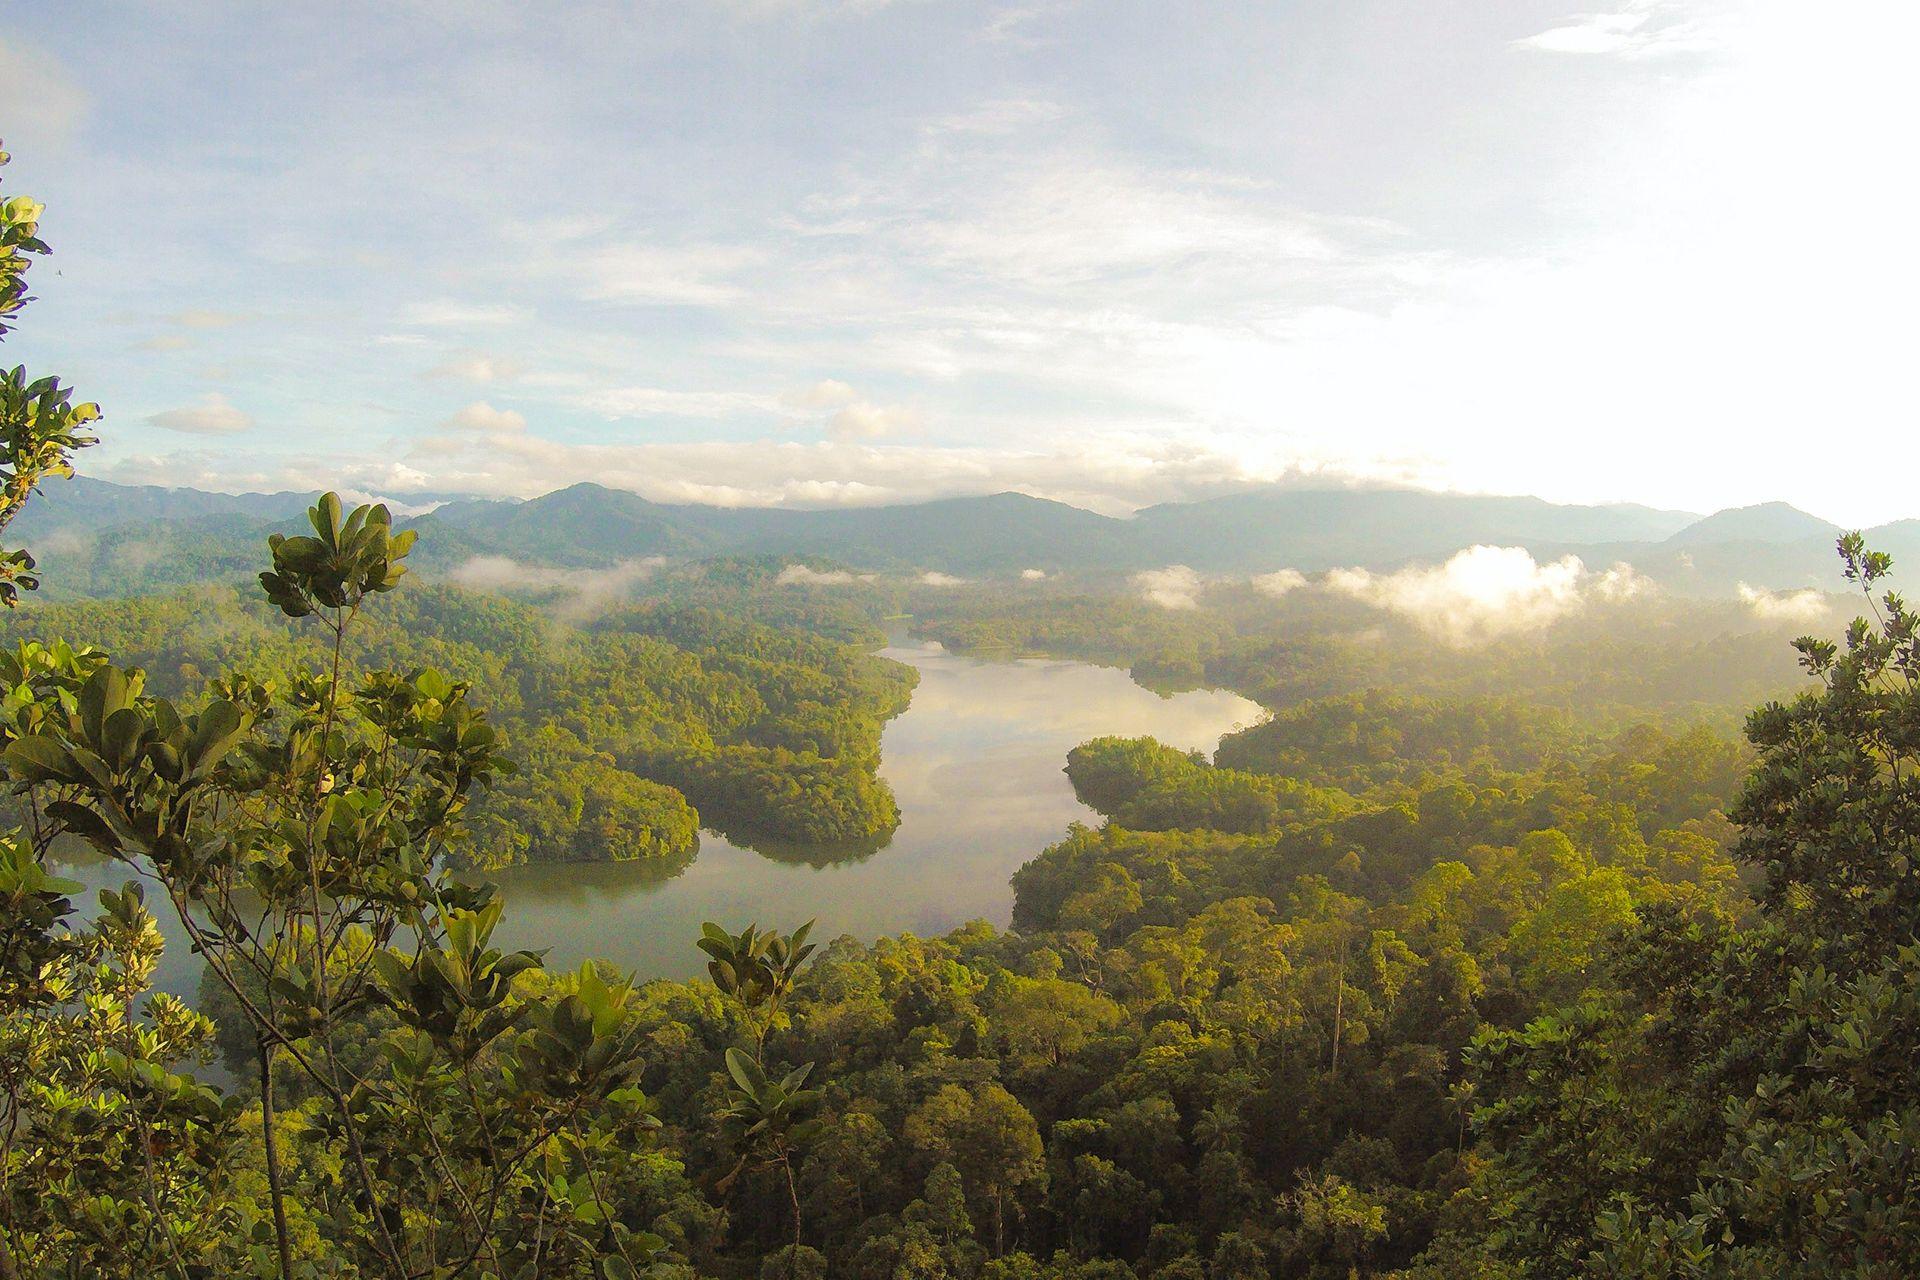 Rainforest Sounds | Pluvioniverse